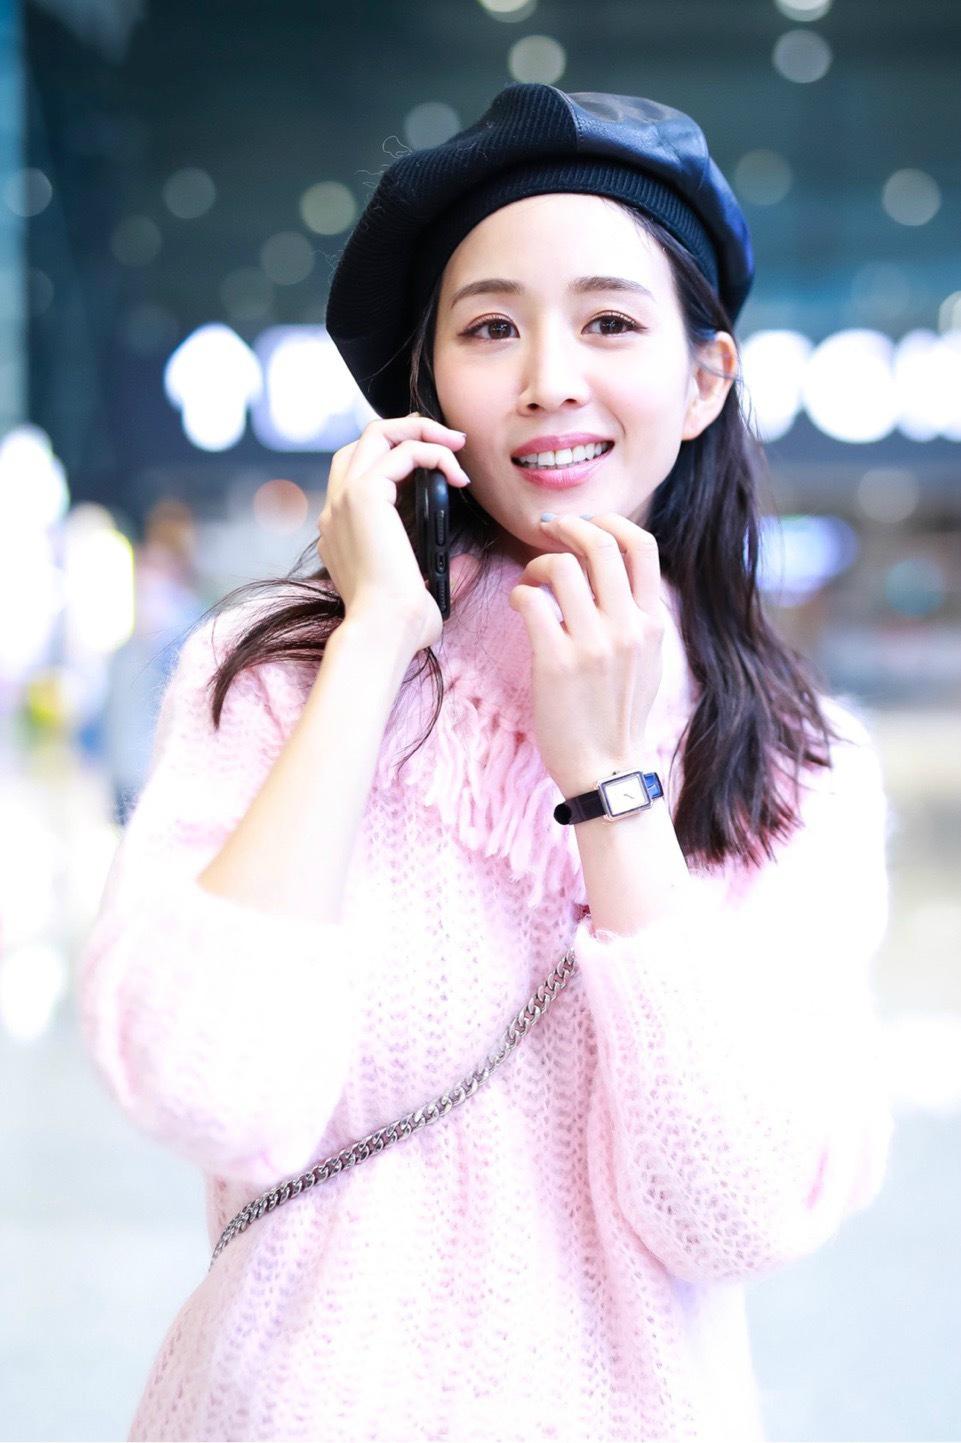 被张钧甯的简单私服惊艳到了!粉色毛衣配短裤,这么少女哪像36岁